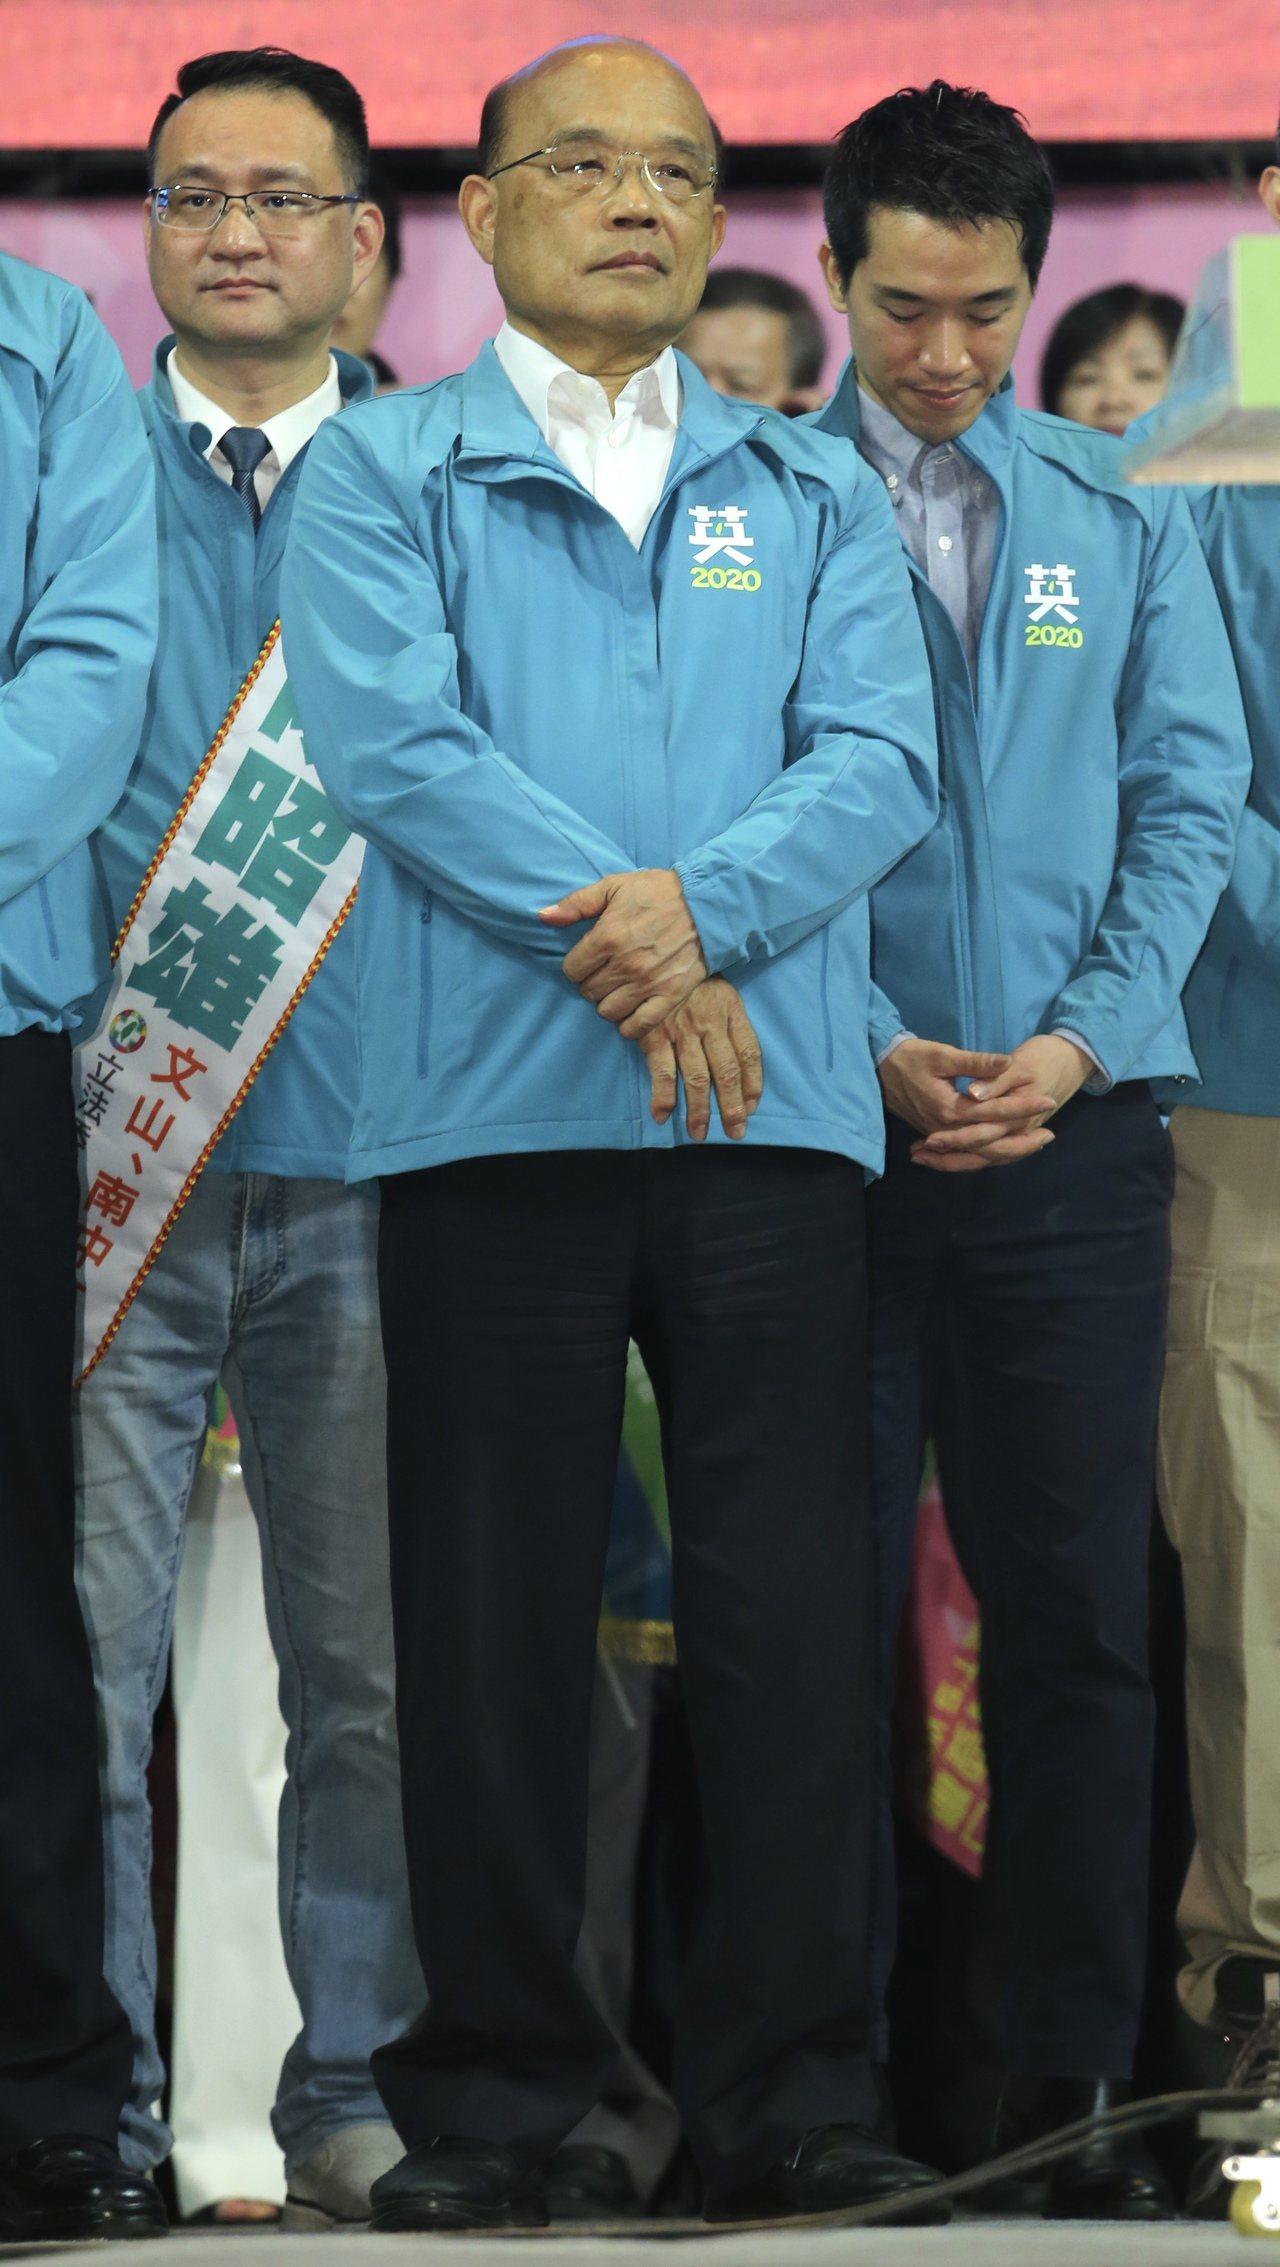 行政院長蘇貞昌(圖)今天出席蔡英文競選總部成立大會,站在台上的他臉部表情僵硬。記...